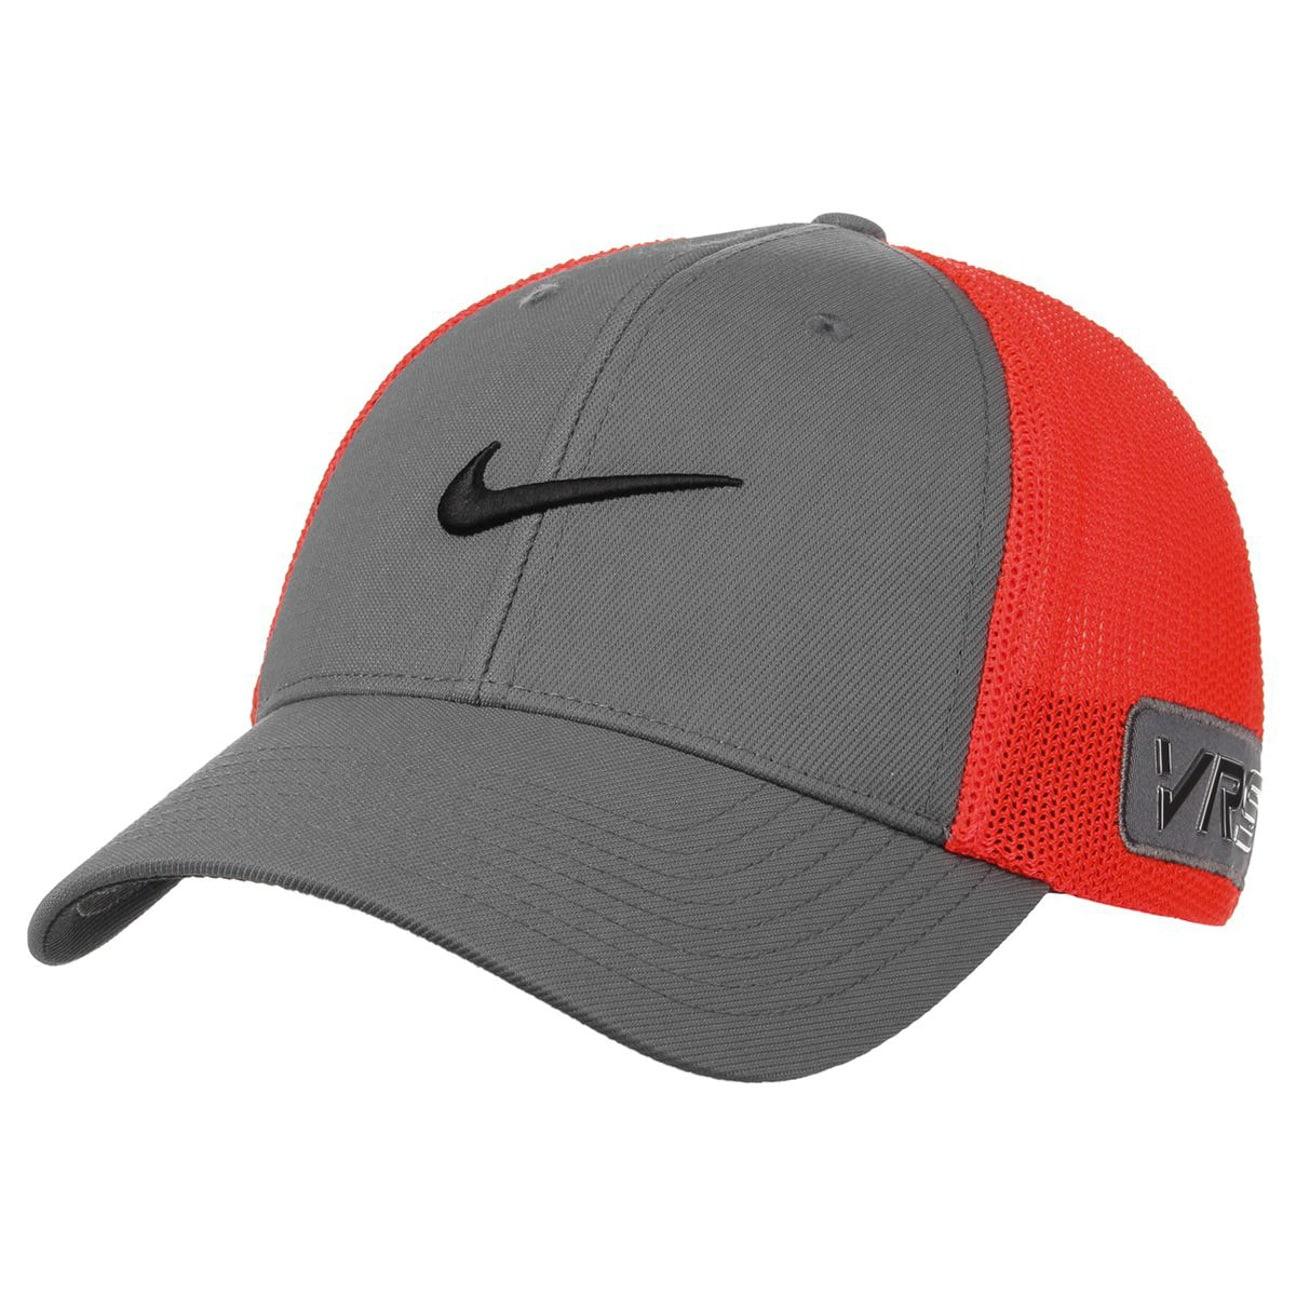 3dacc1f4e98453 ... New Tour Flexfit Cap New Logo by Nike - black 1 ...